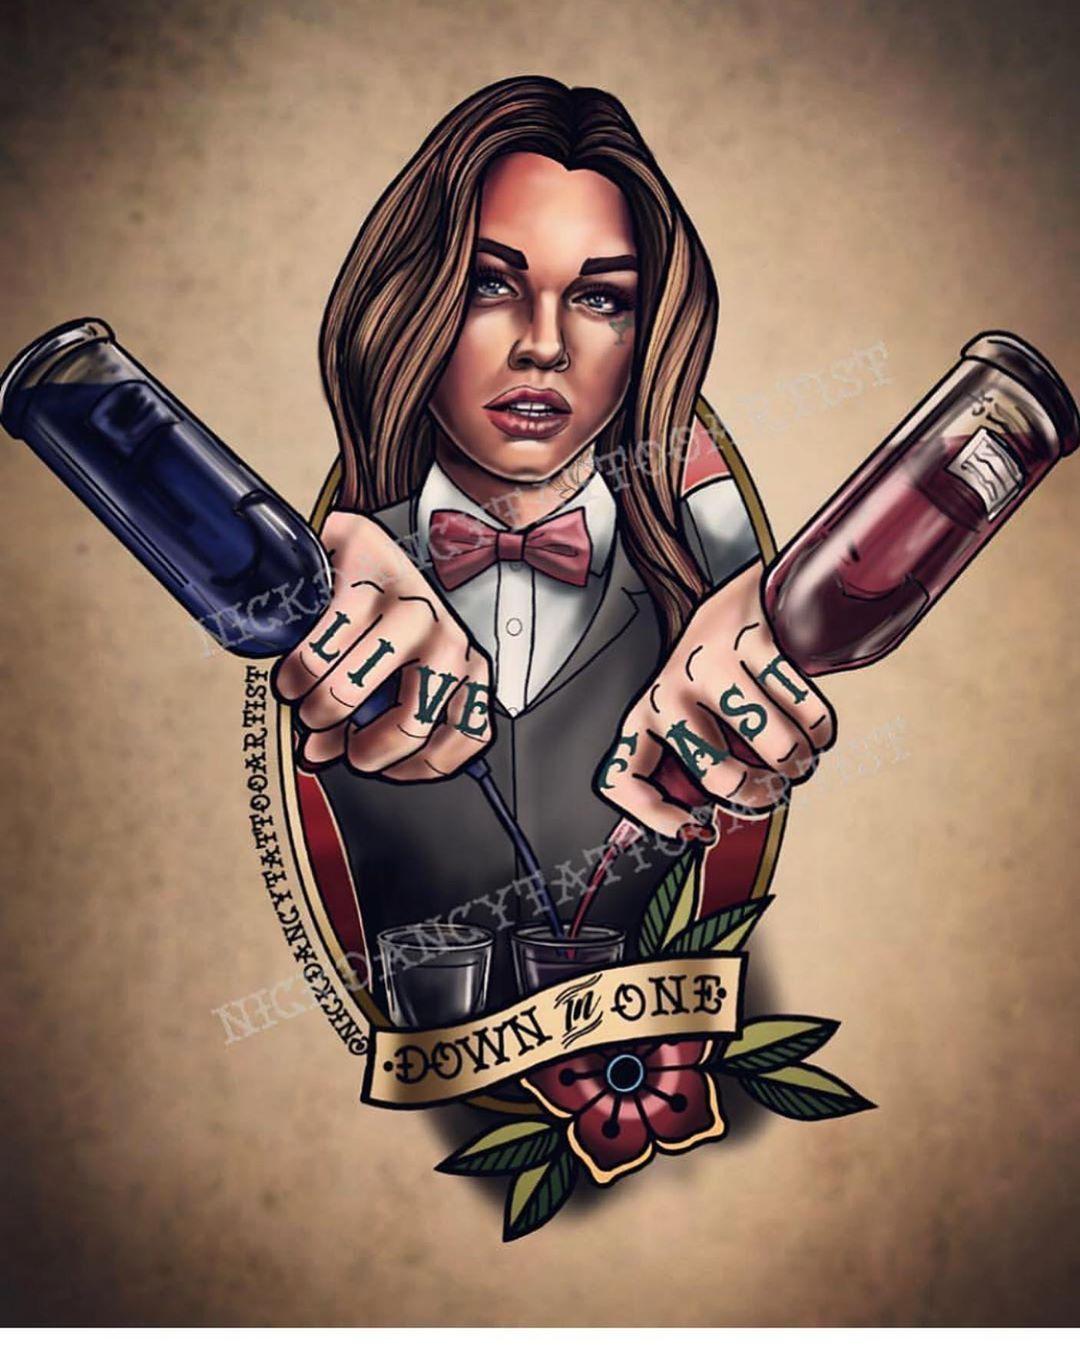 Barporno b a r l a d y • #bar#bartender#bartending#barlady#barwoman